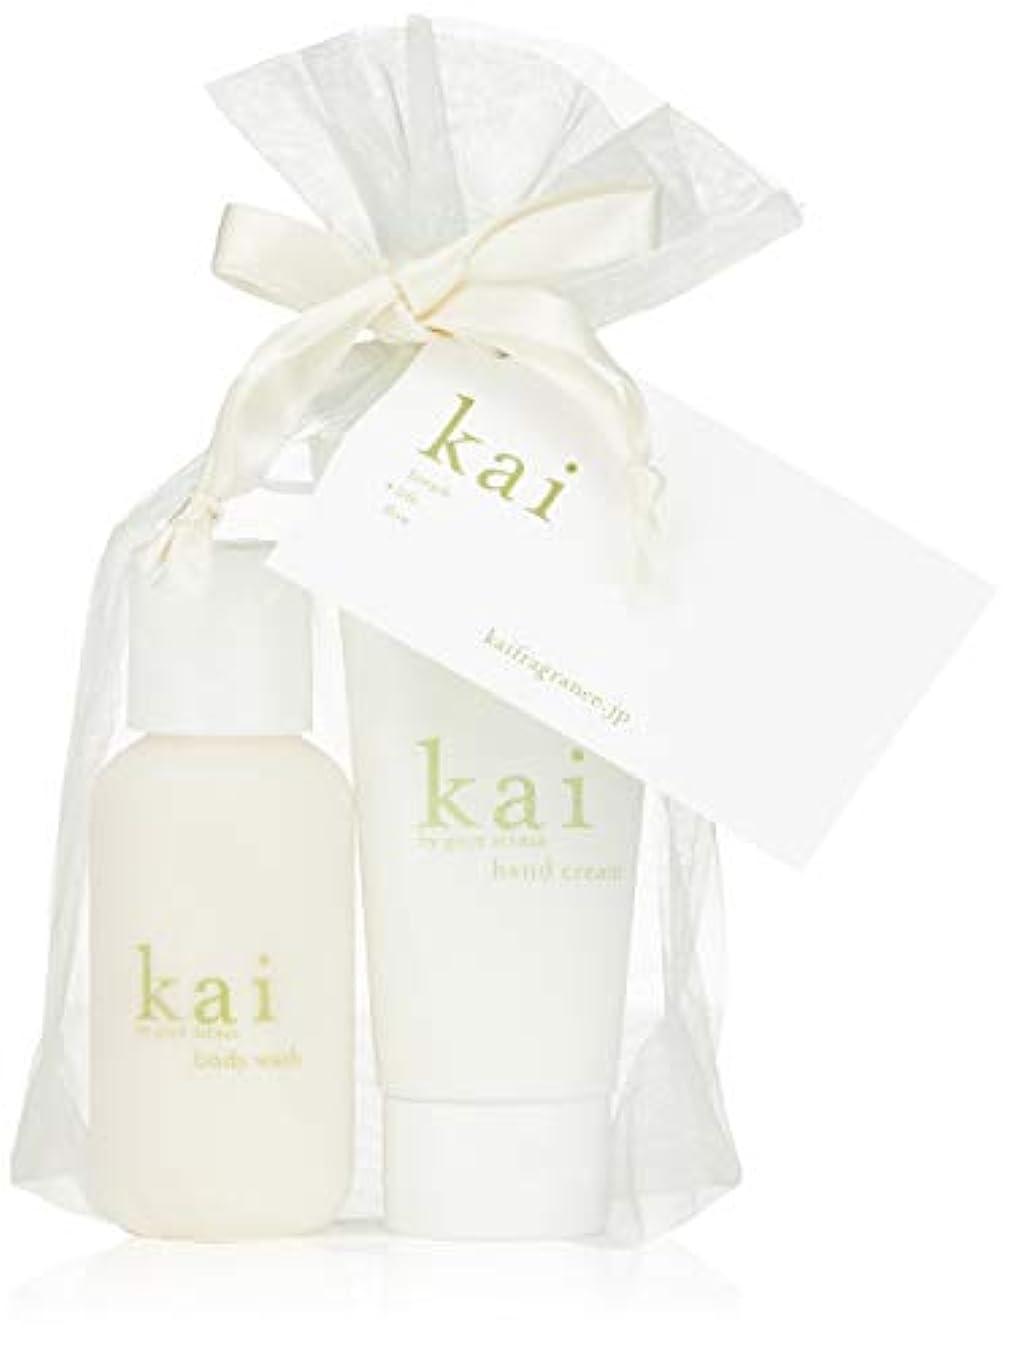 スキャンダル階工業化するkai fragrance(カイ フレグランス) ハンドクリーム&ミニボディウォッシュ 59×2ml